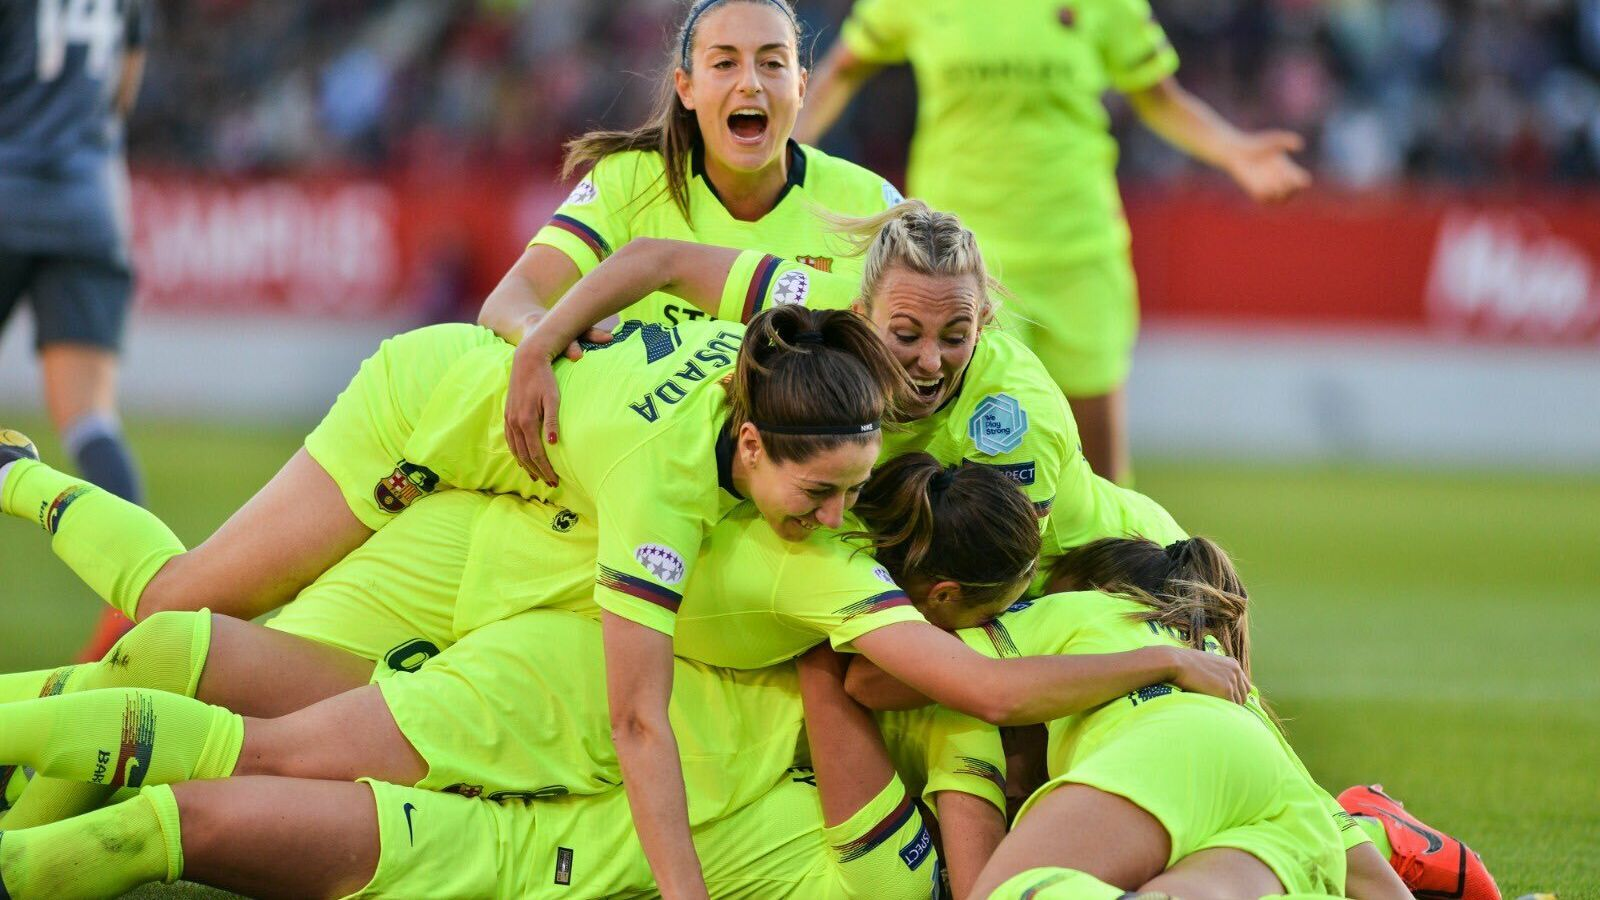 El Barça celebrant el gol de Hamraoui a Munic